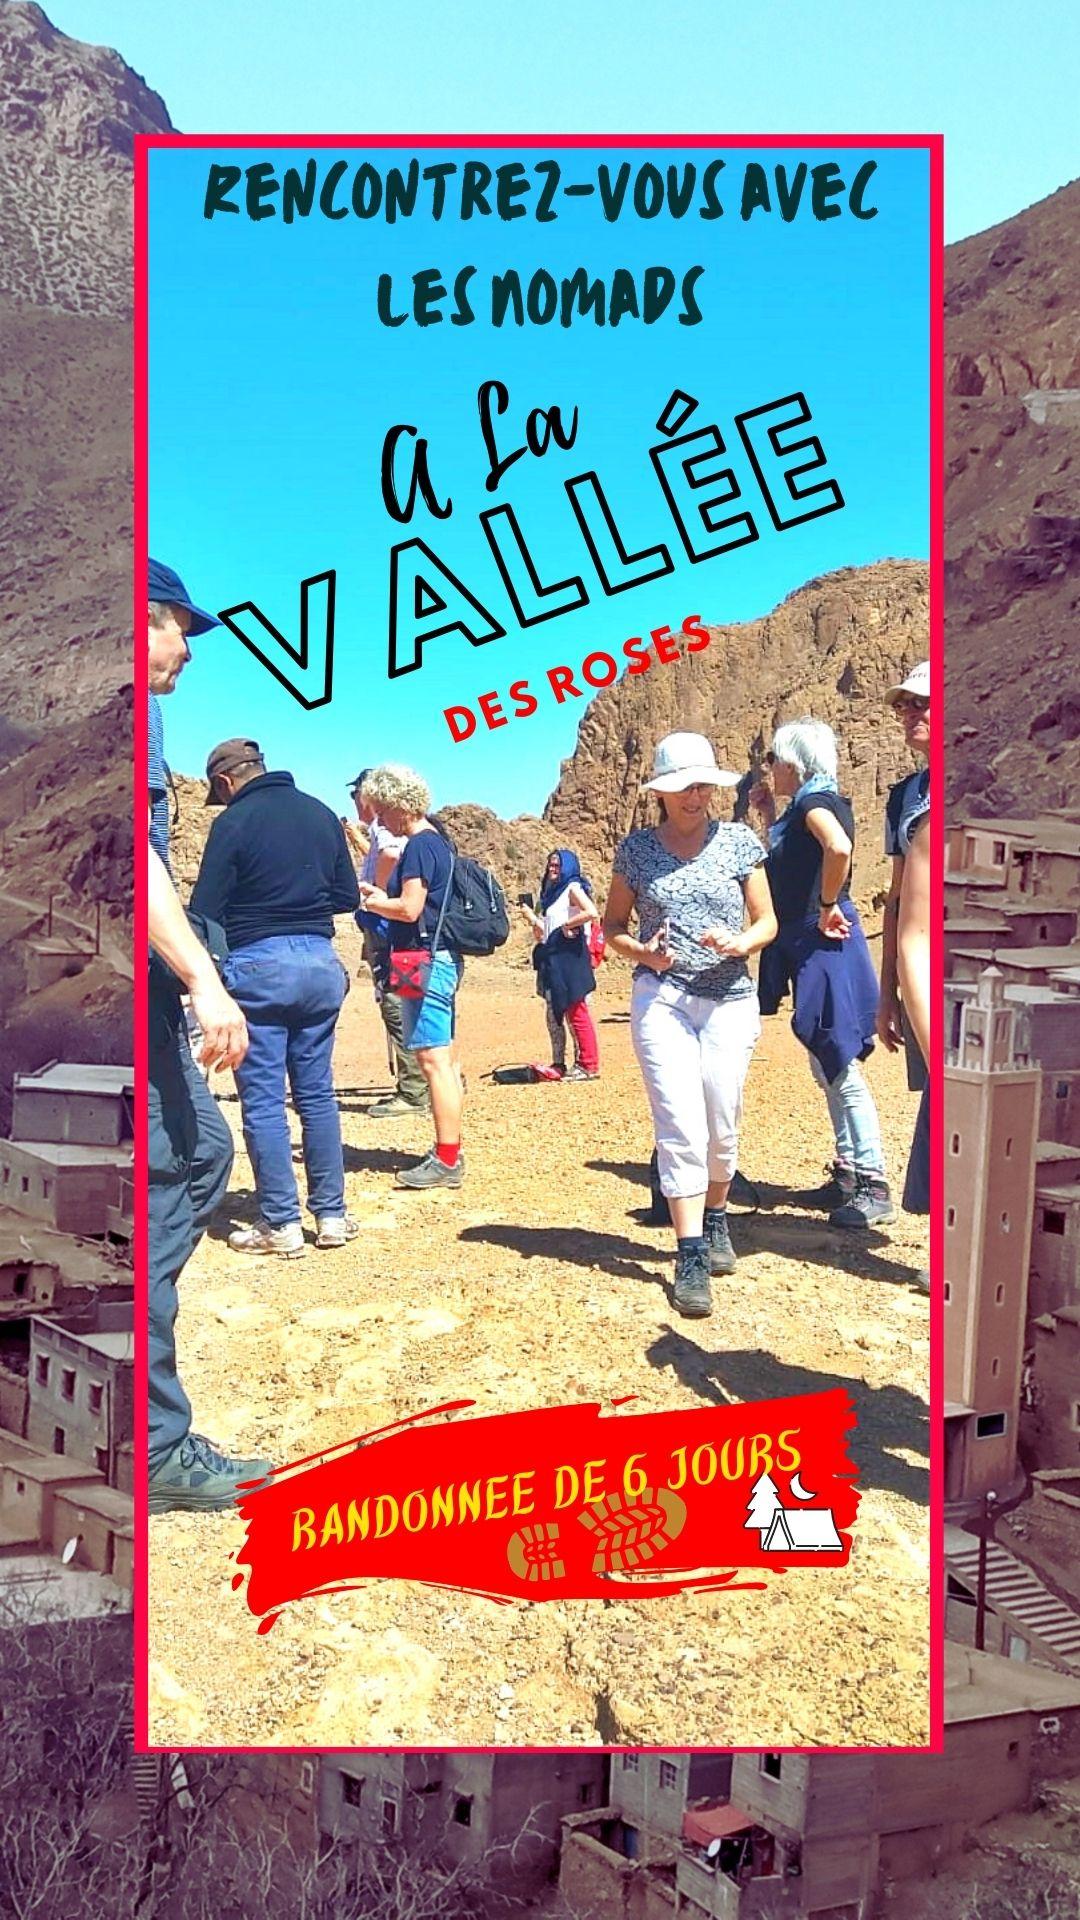 Valley des roses randonnees   Voyage Maroc sur mesure   Voyage au Maroc   Vacances au Maroc sur mesure   Trek au Maroc   circuit de velo au maroc   randonnée et voyage   Trekking   VTT   Randonnées & Treks au Maroc montagne désert